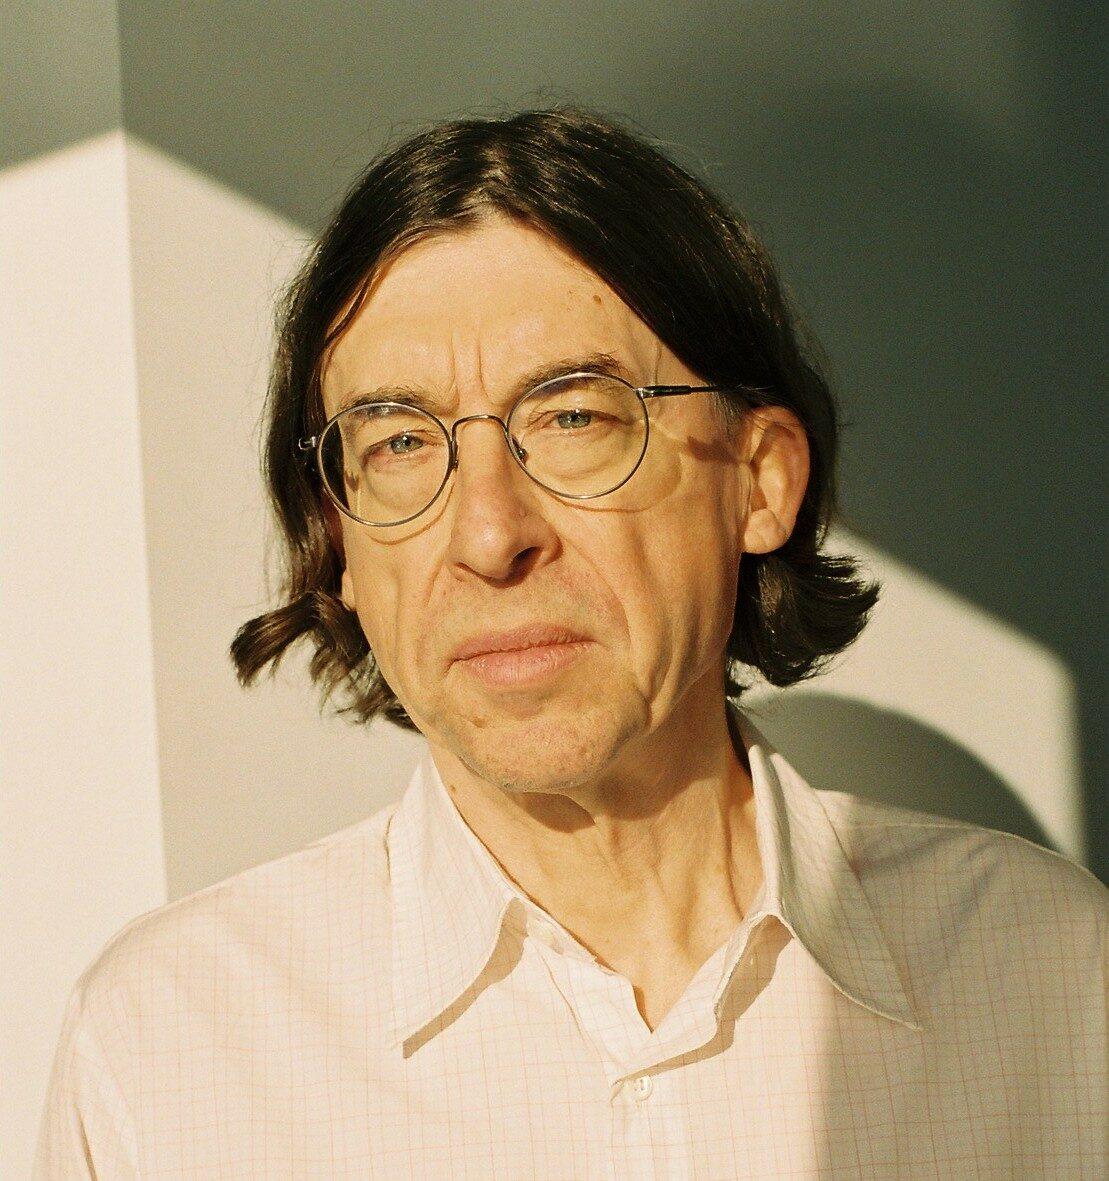 Bruno Vanspauwen